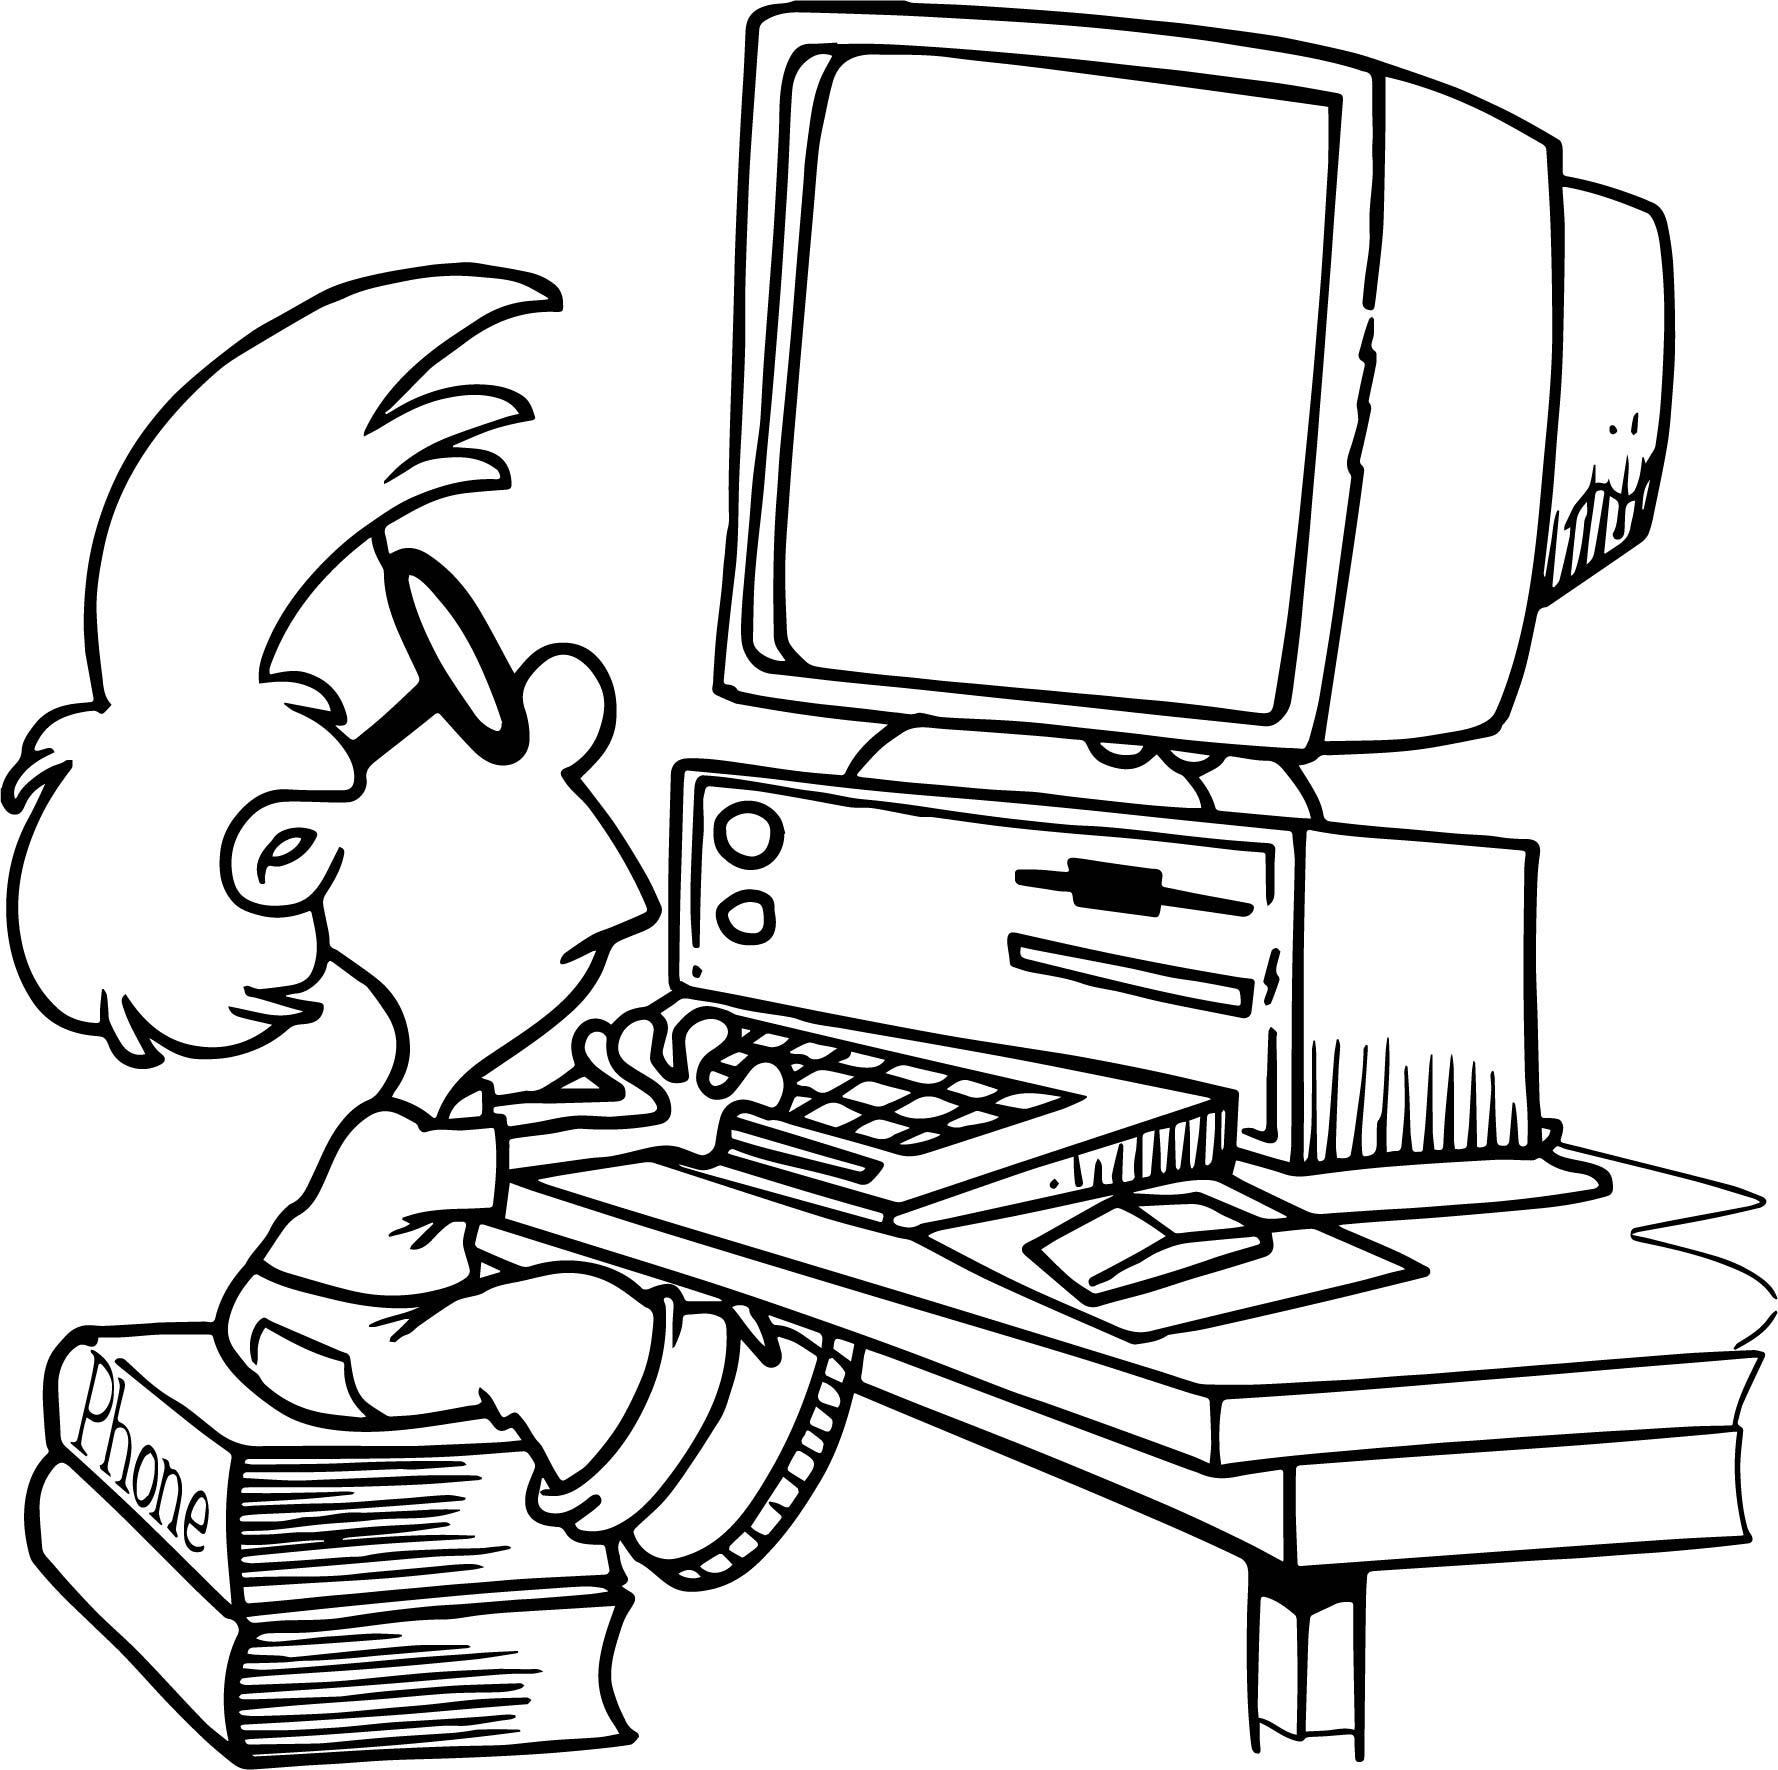 Computer Drawing At Getdrawings